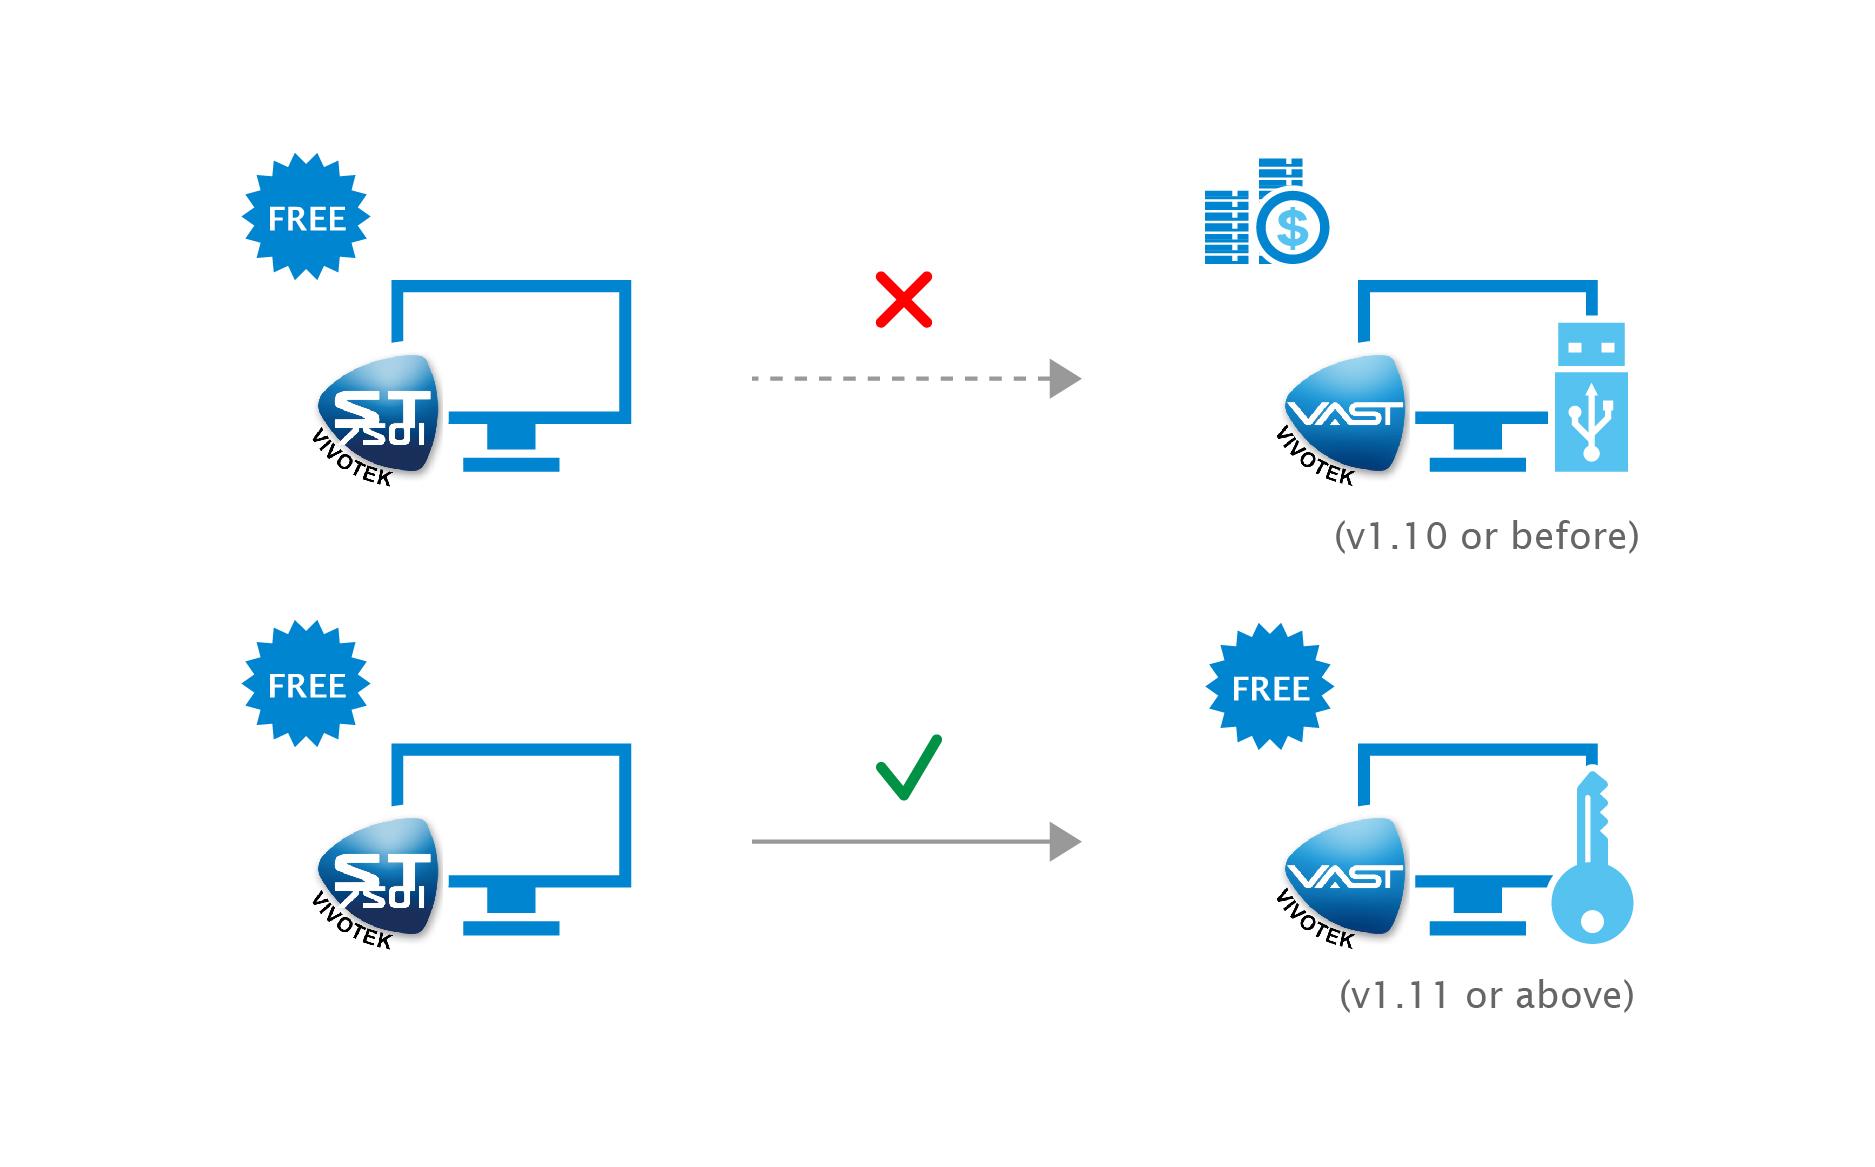 عملکرد های بارز نرم افزار وَست (VAST)